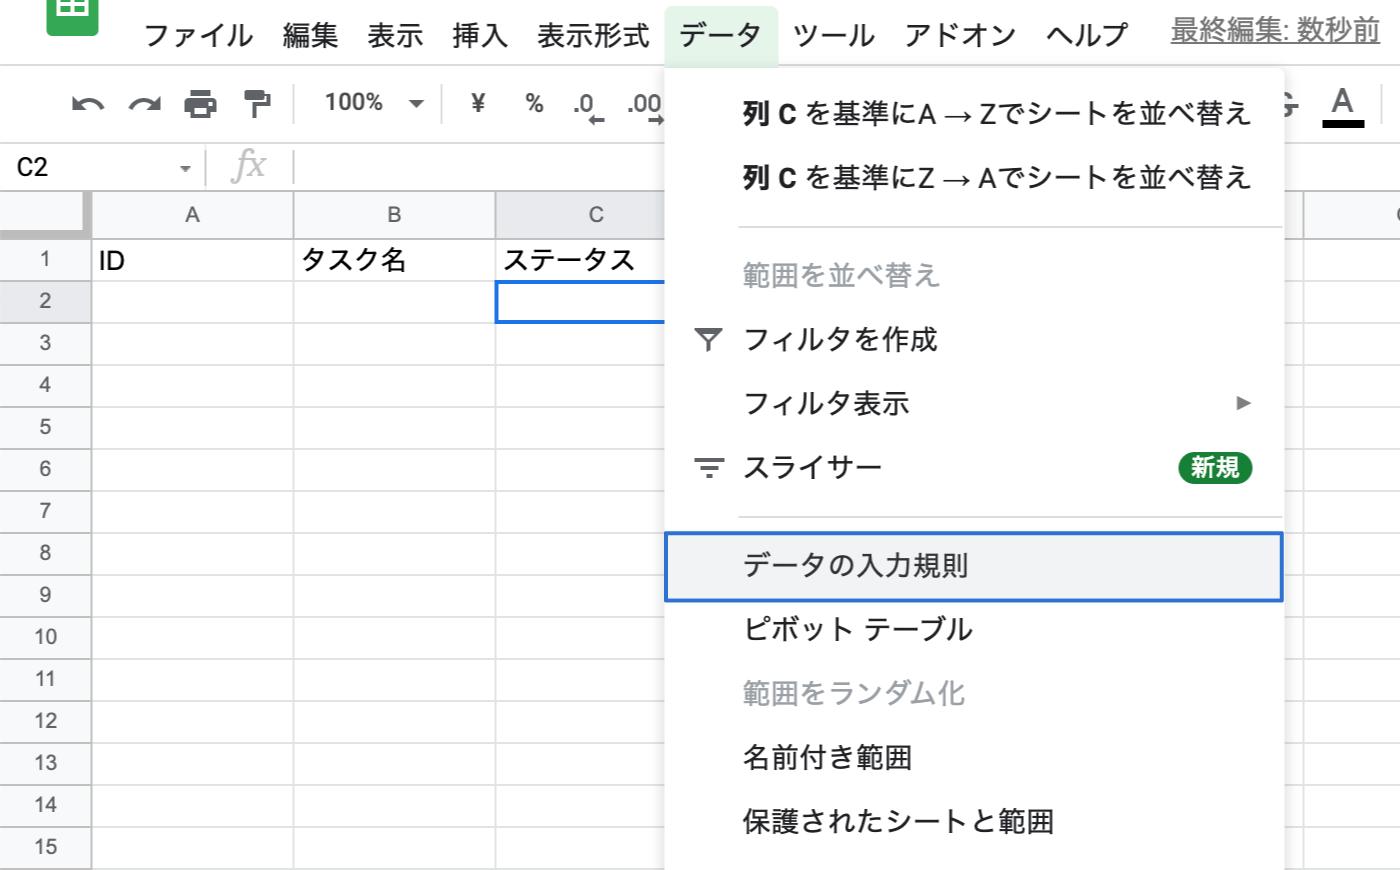 [データ]→[データの入力規則]